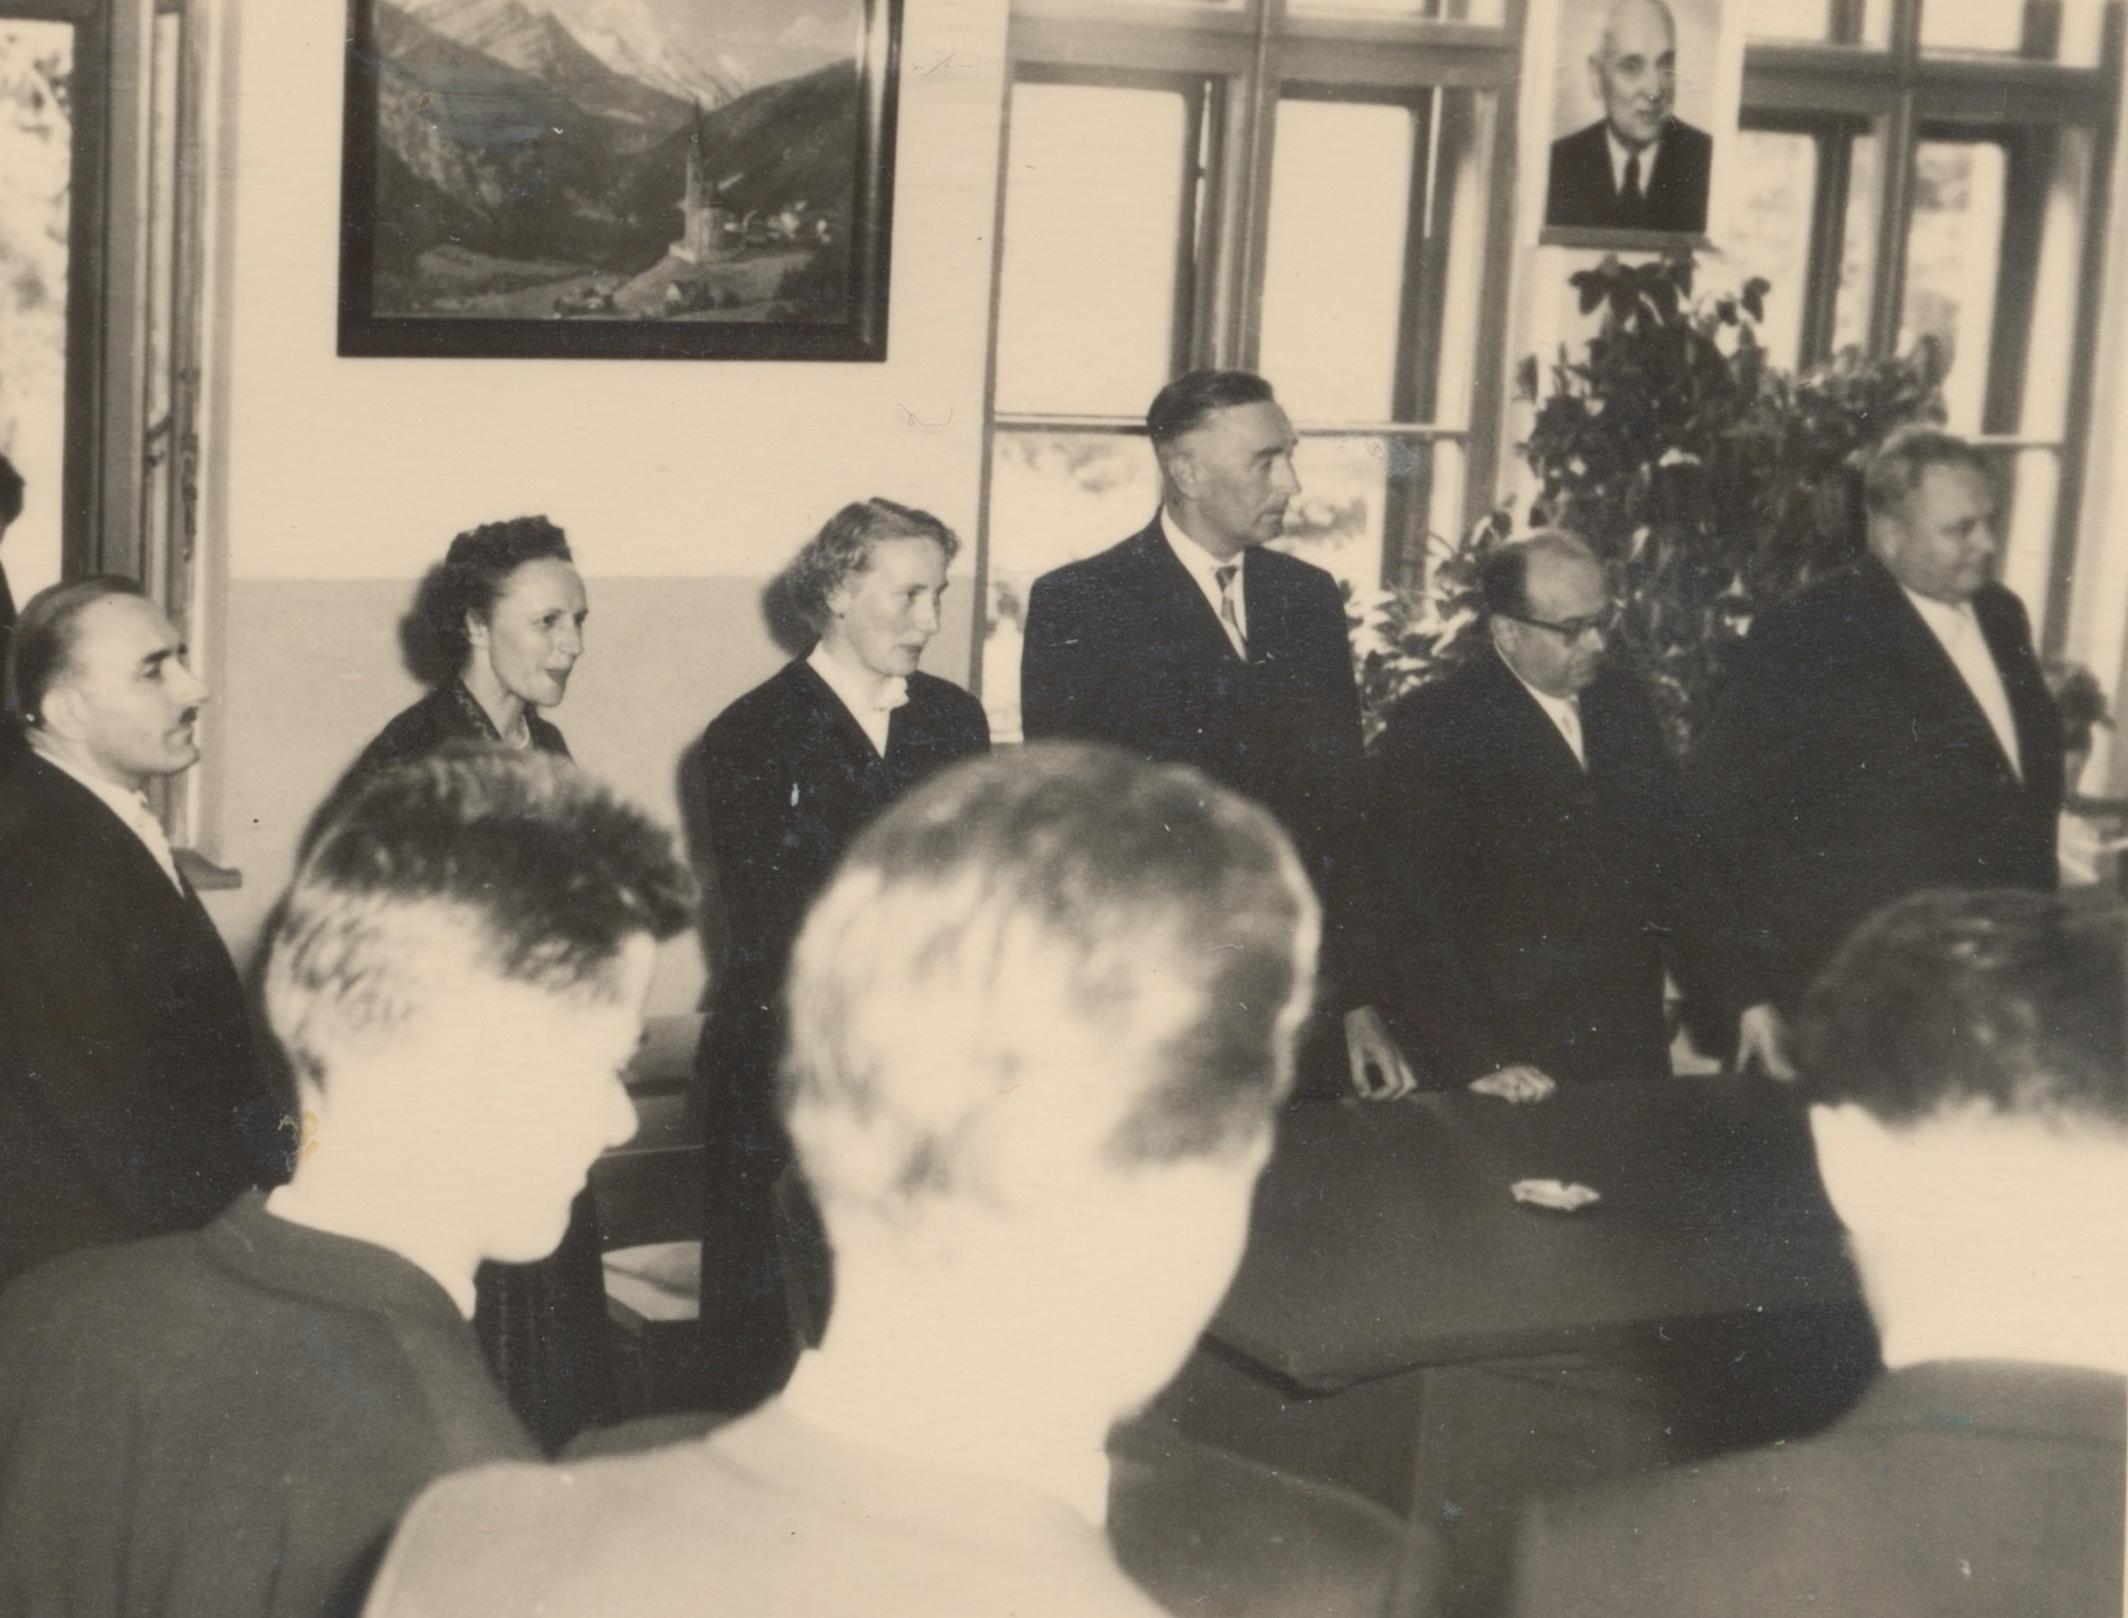 1. Matura HAK Wels 1958 3